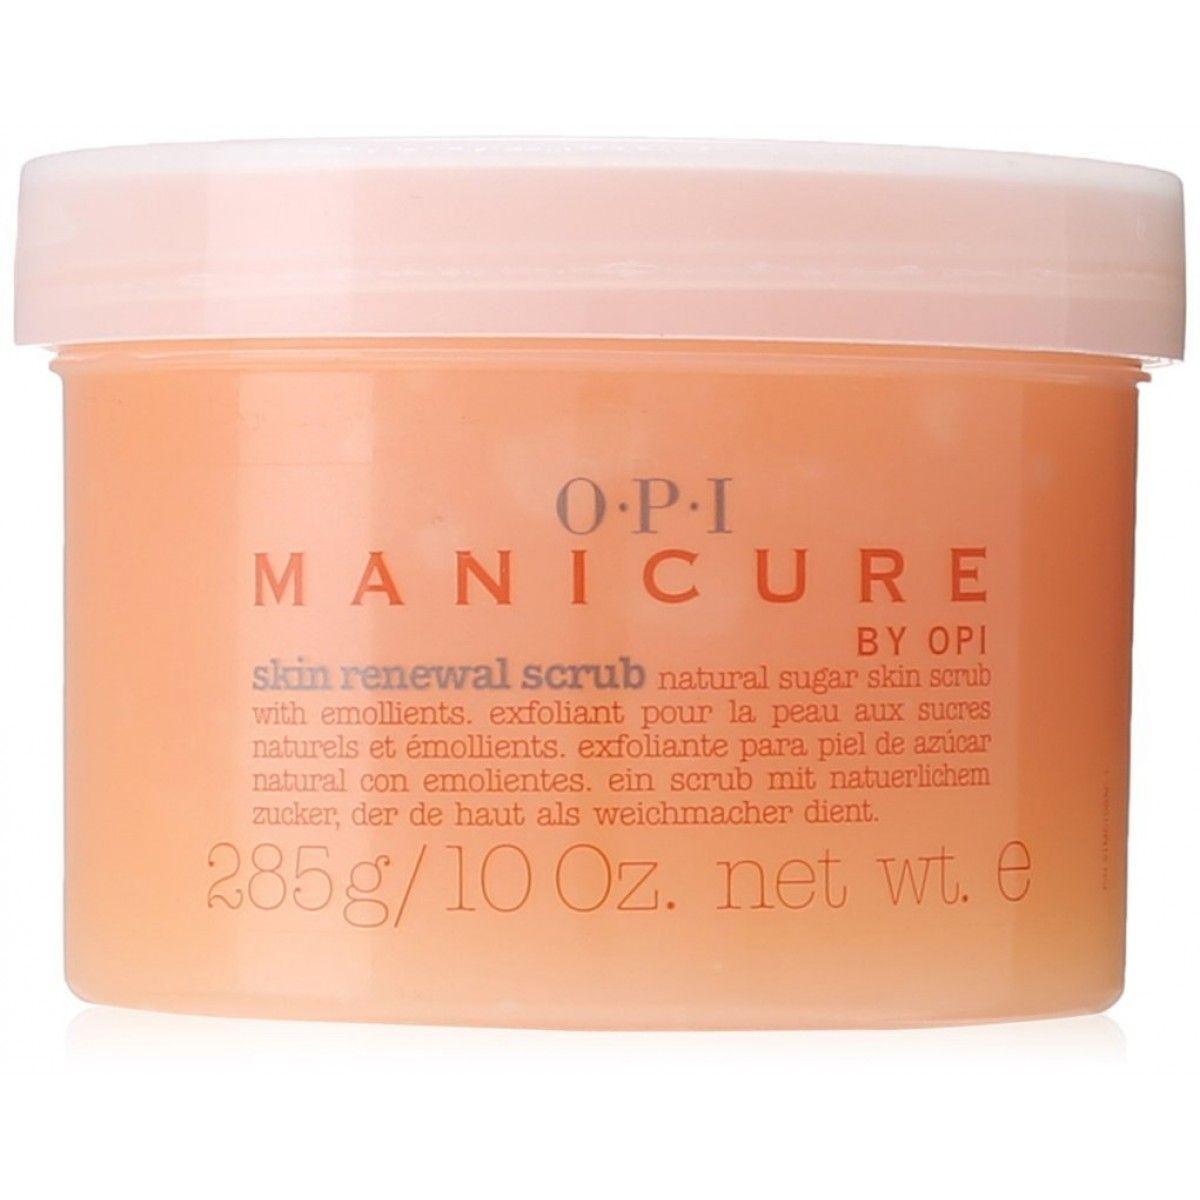 OPI Скраб для рук Manicure Skin Renewal Scrub, 85 гр MC102